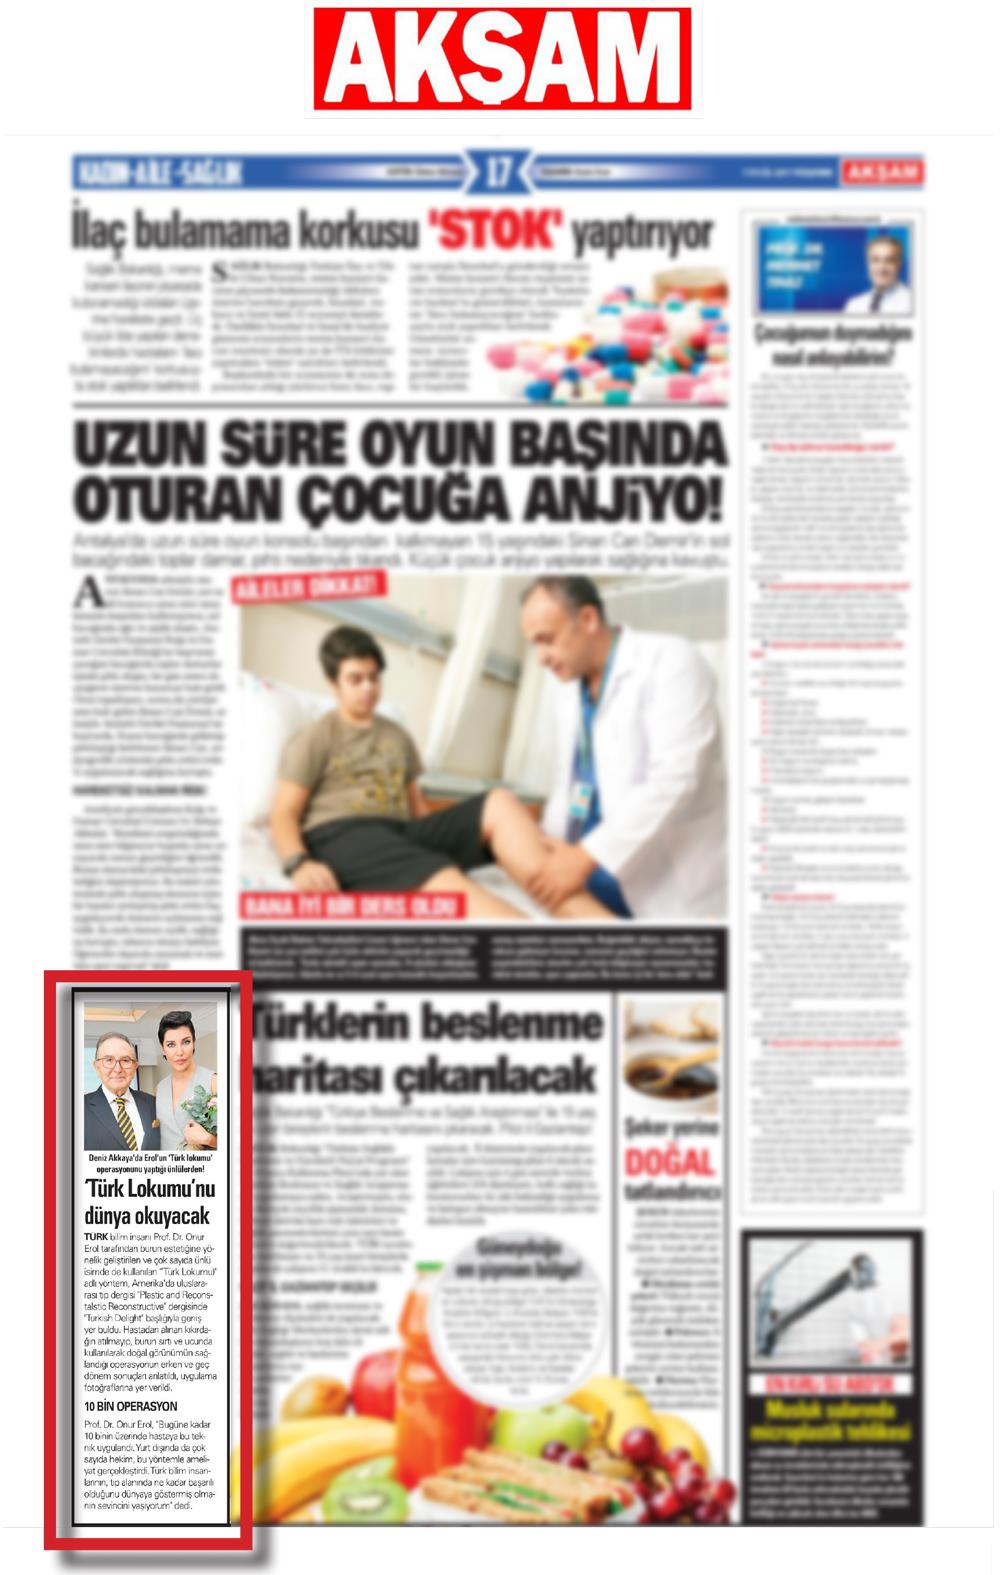 1Onep--Prof.-Dr.-Onur-Erol-Aks_am-07